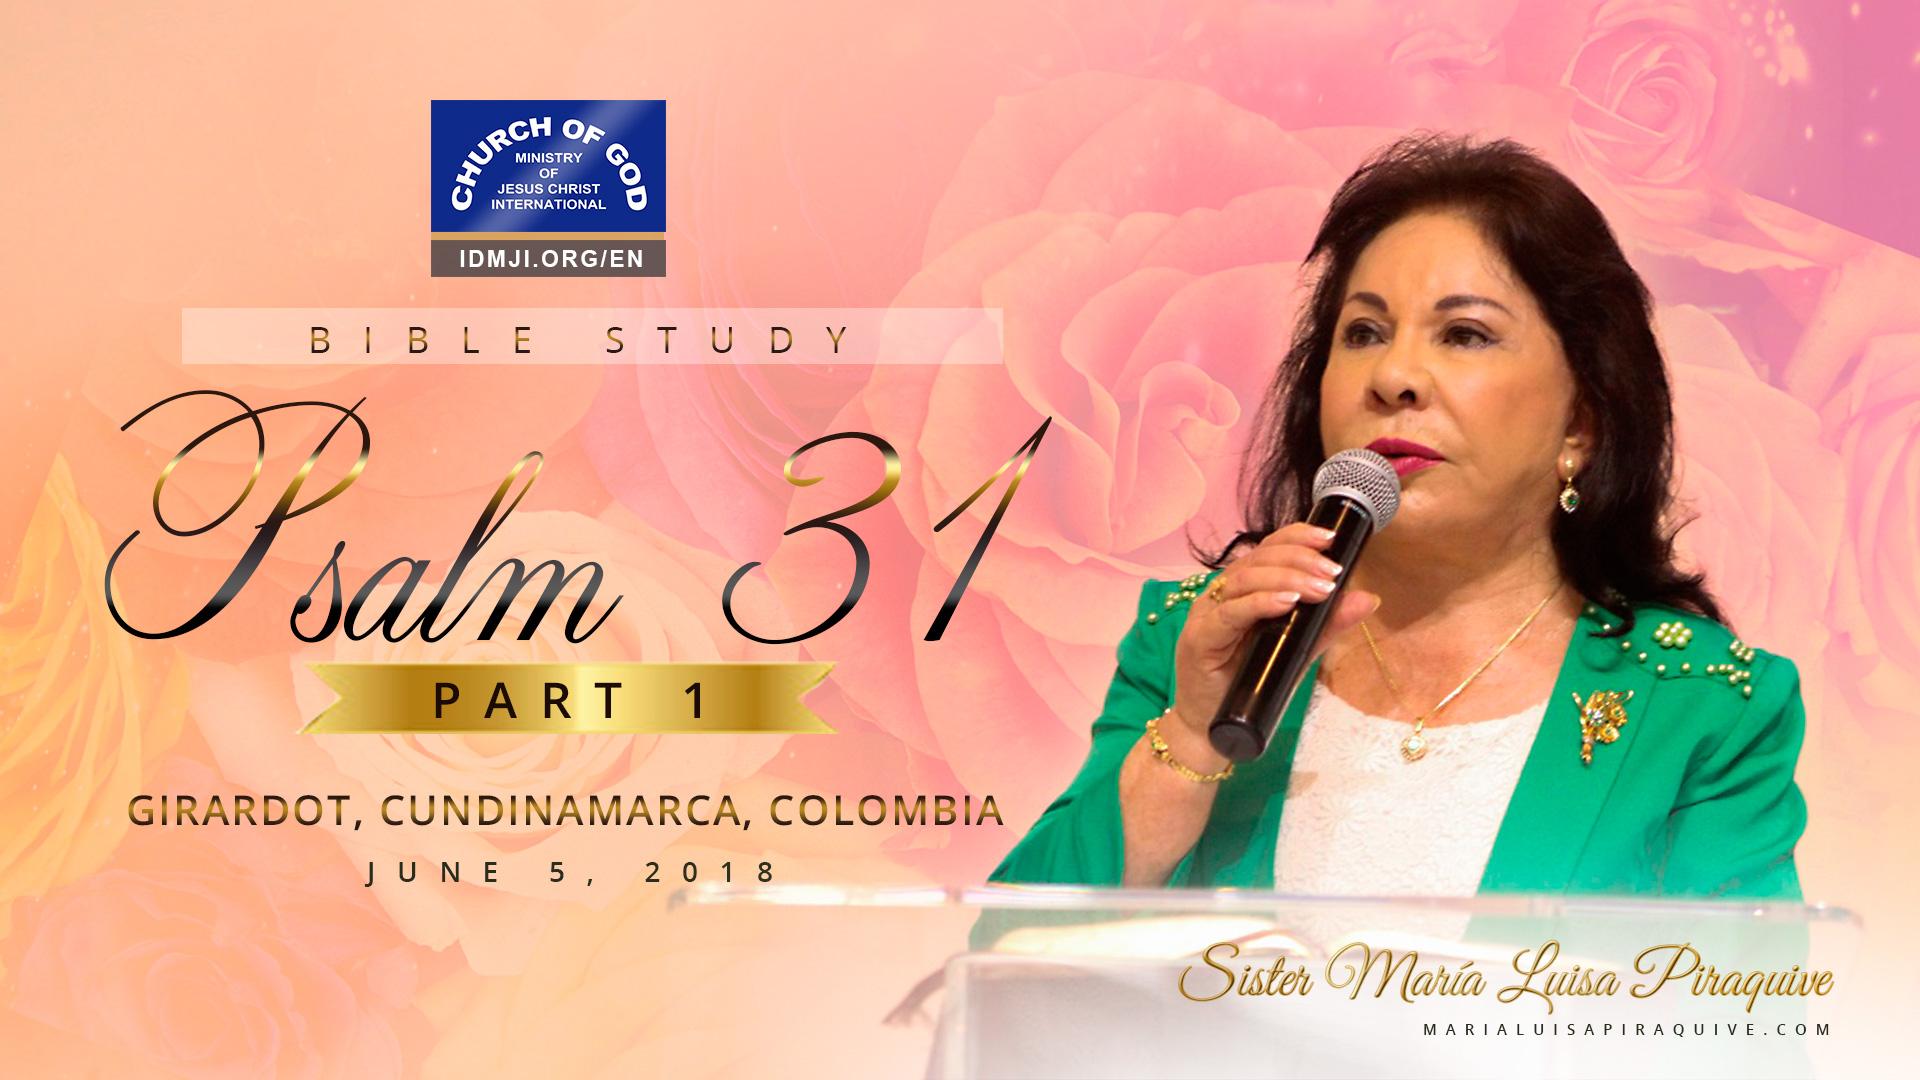 Psalm 31 part 1